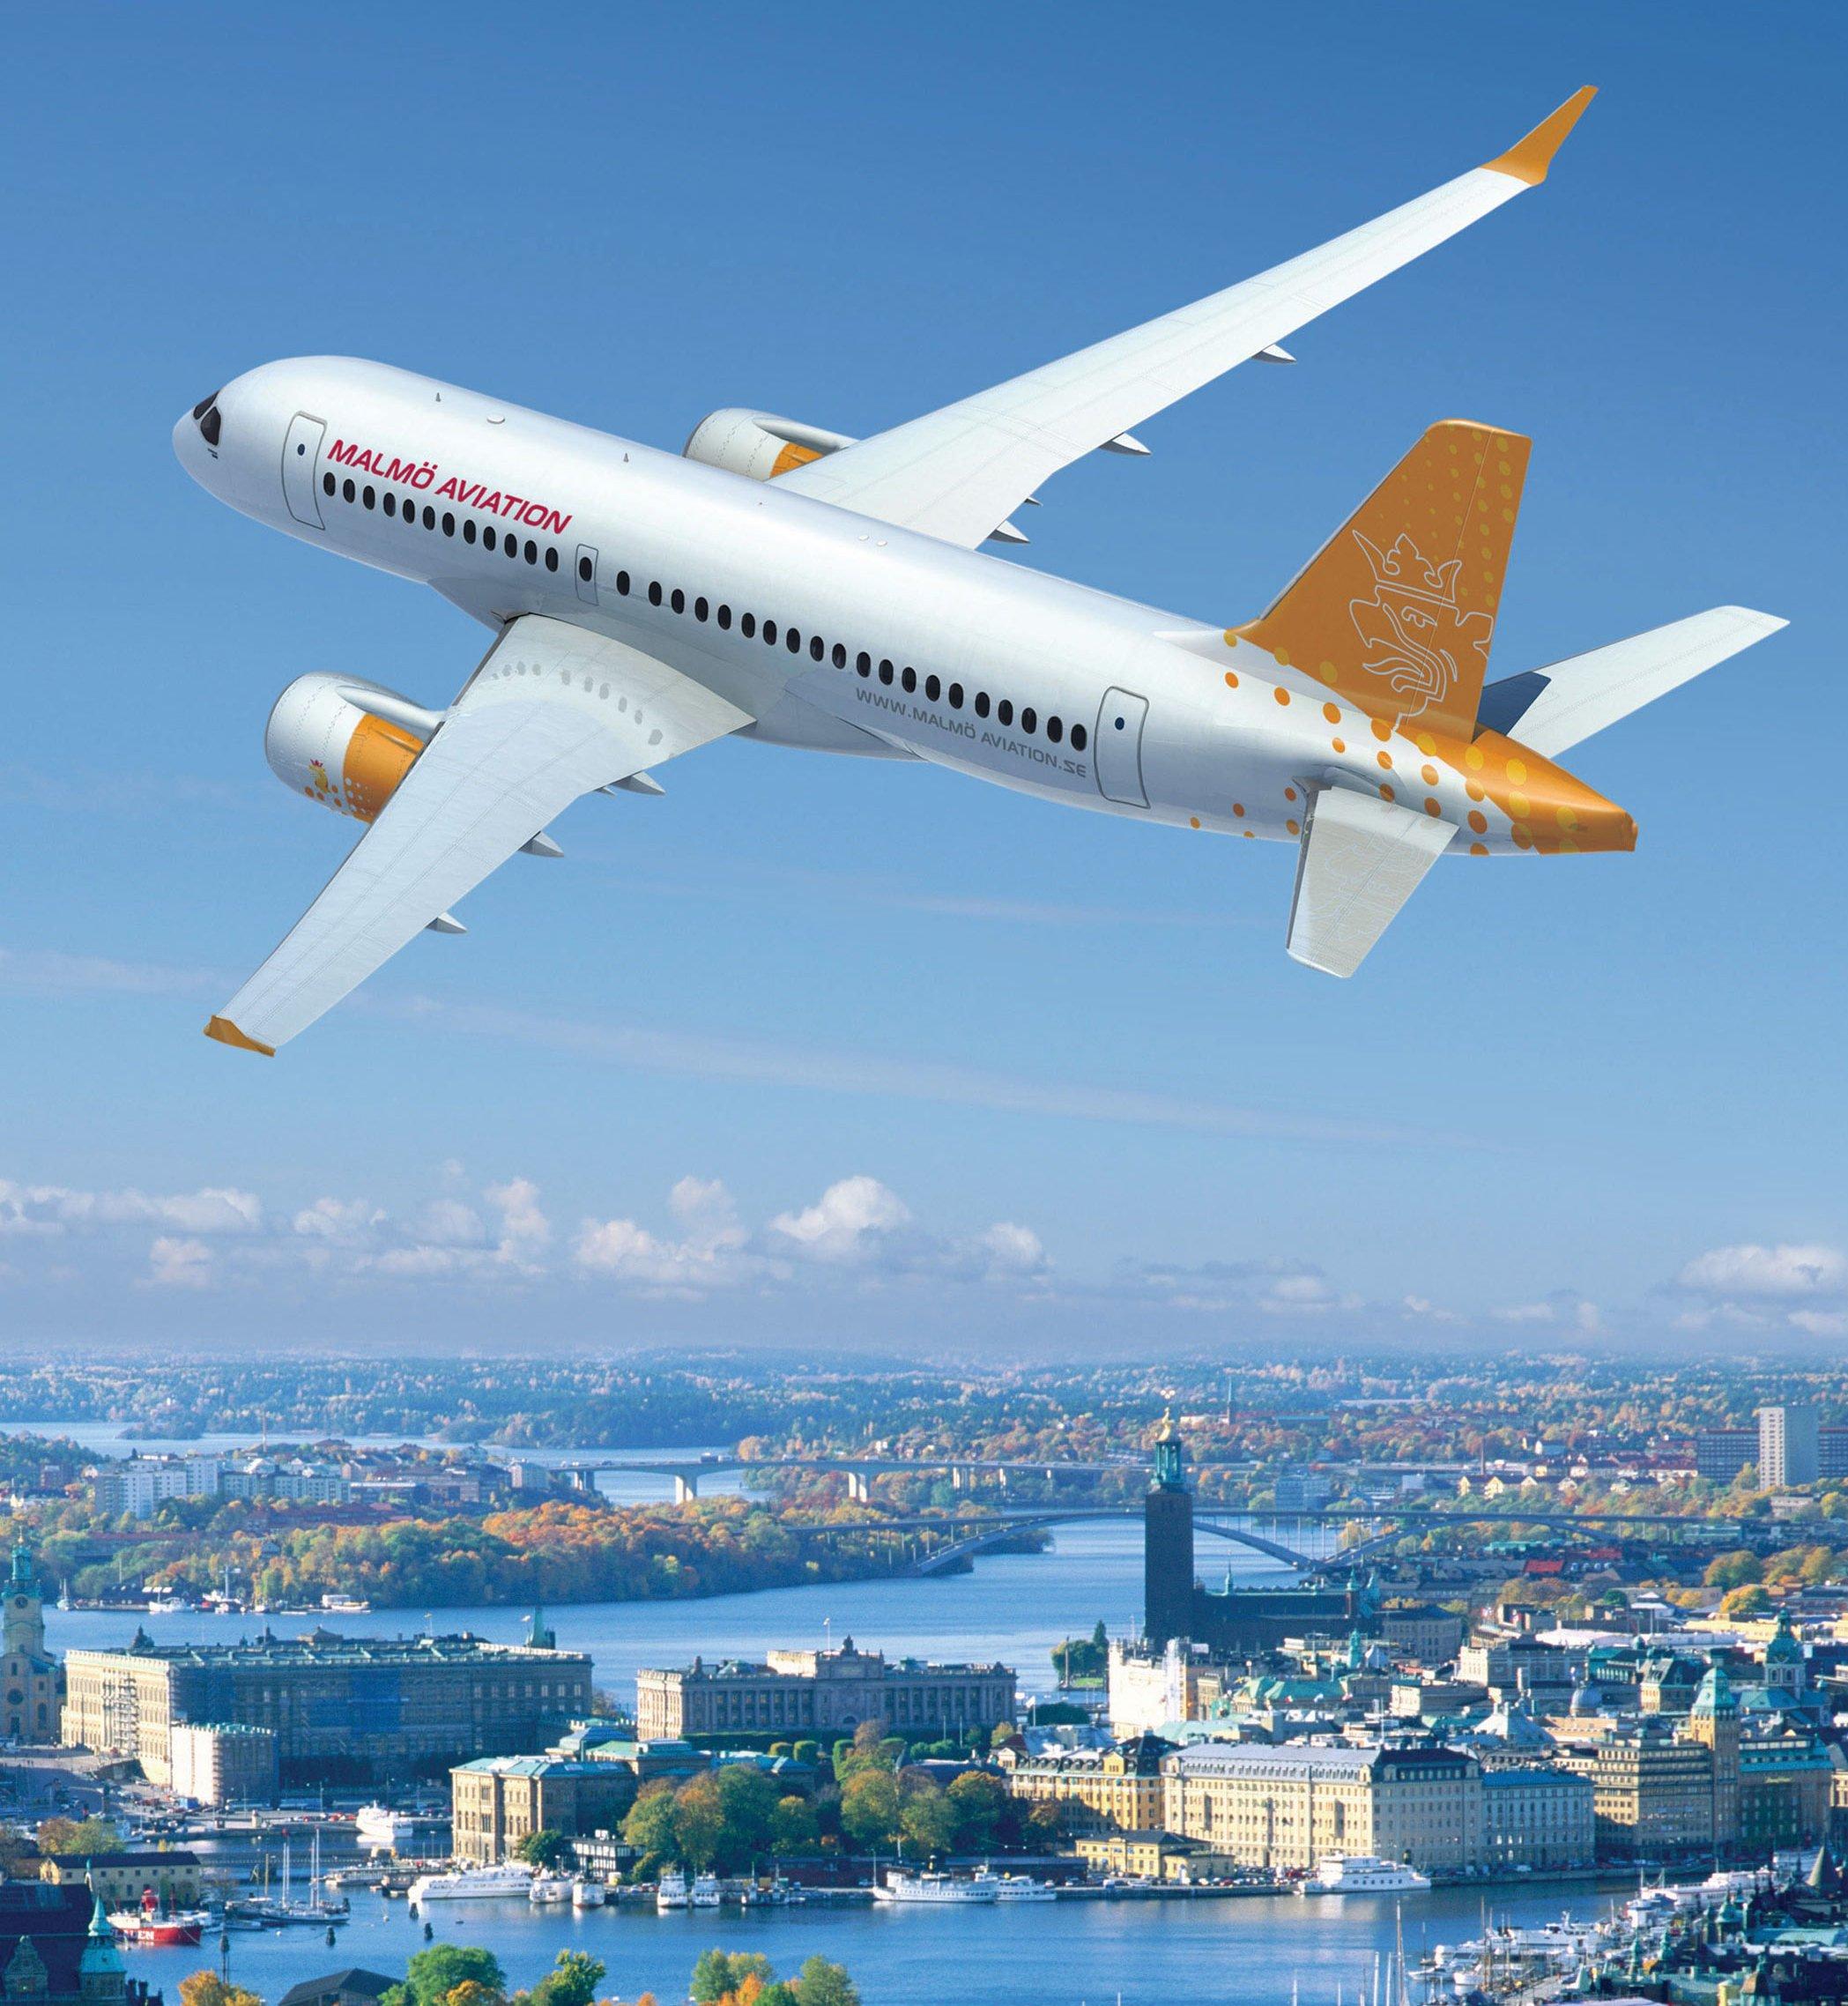 Flugzeug ModellCS100:Der kanadische Flugzeughersteller Bombardier hatte 2015 erklärt, er werde in seine neue CSeries einen Streaming-Service implementieren, der Echtzeitdaten aufzeichnet und übermittelt.